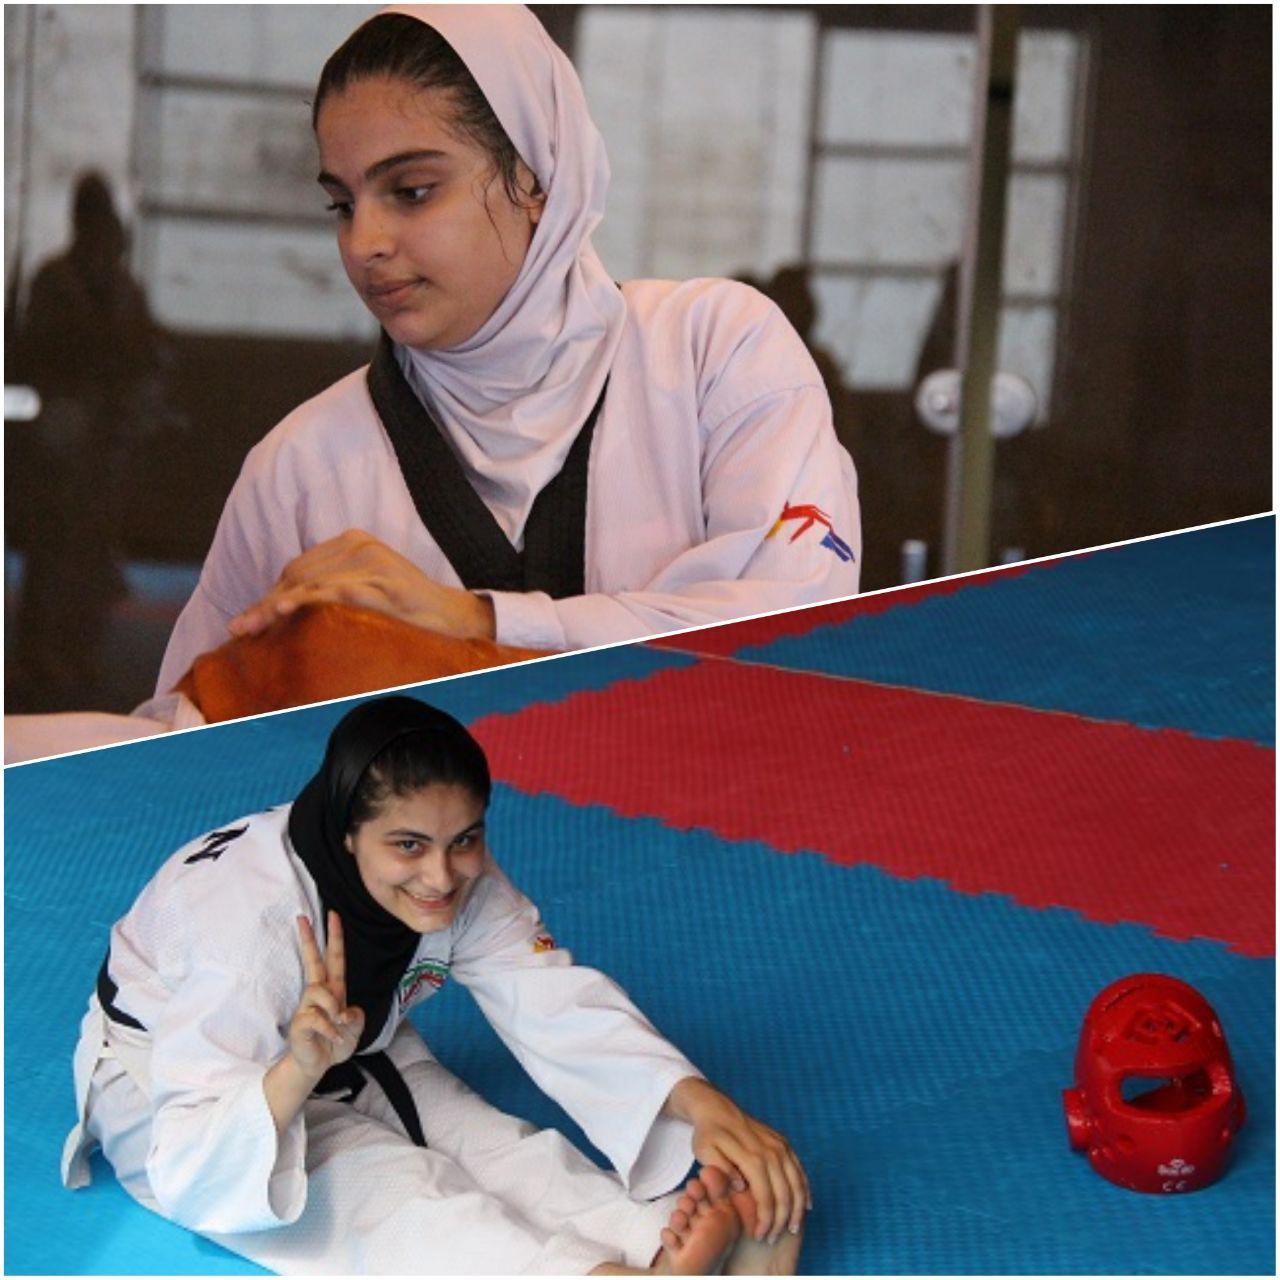 آمادگی مهسا کیادلیری و غزل مهدوی برای حضور در بازیهای المپیک نوجوانان